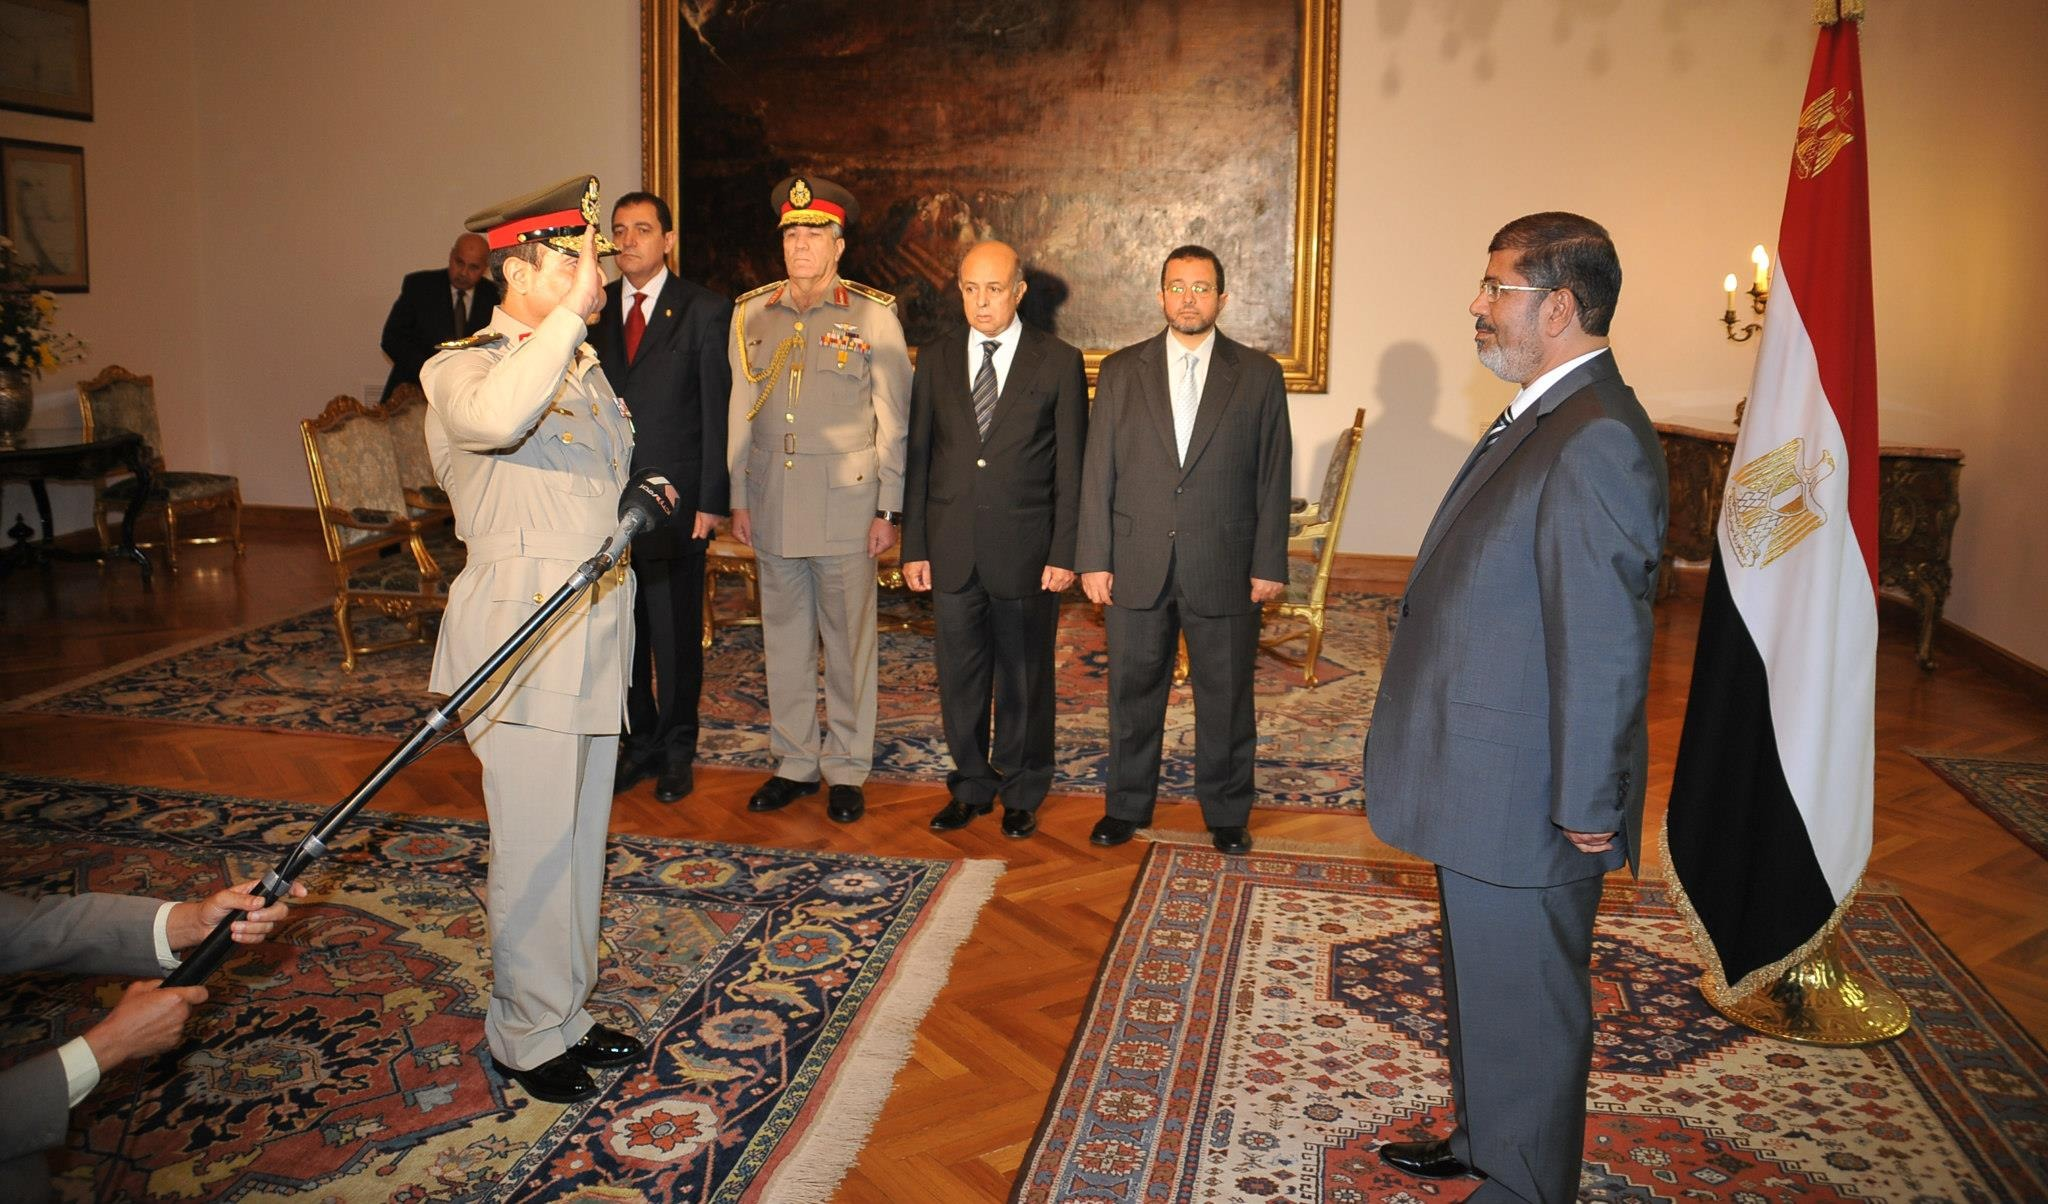 قائد سابق بالجيش يكشف كواليس حكم مرسي.. وينقل رسالة «عارف بالله» للسيسي قبل 30 يونيو